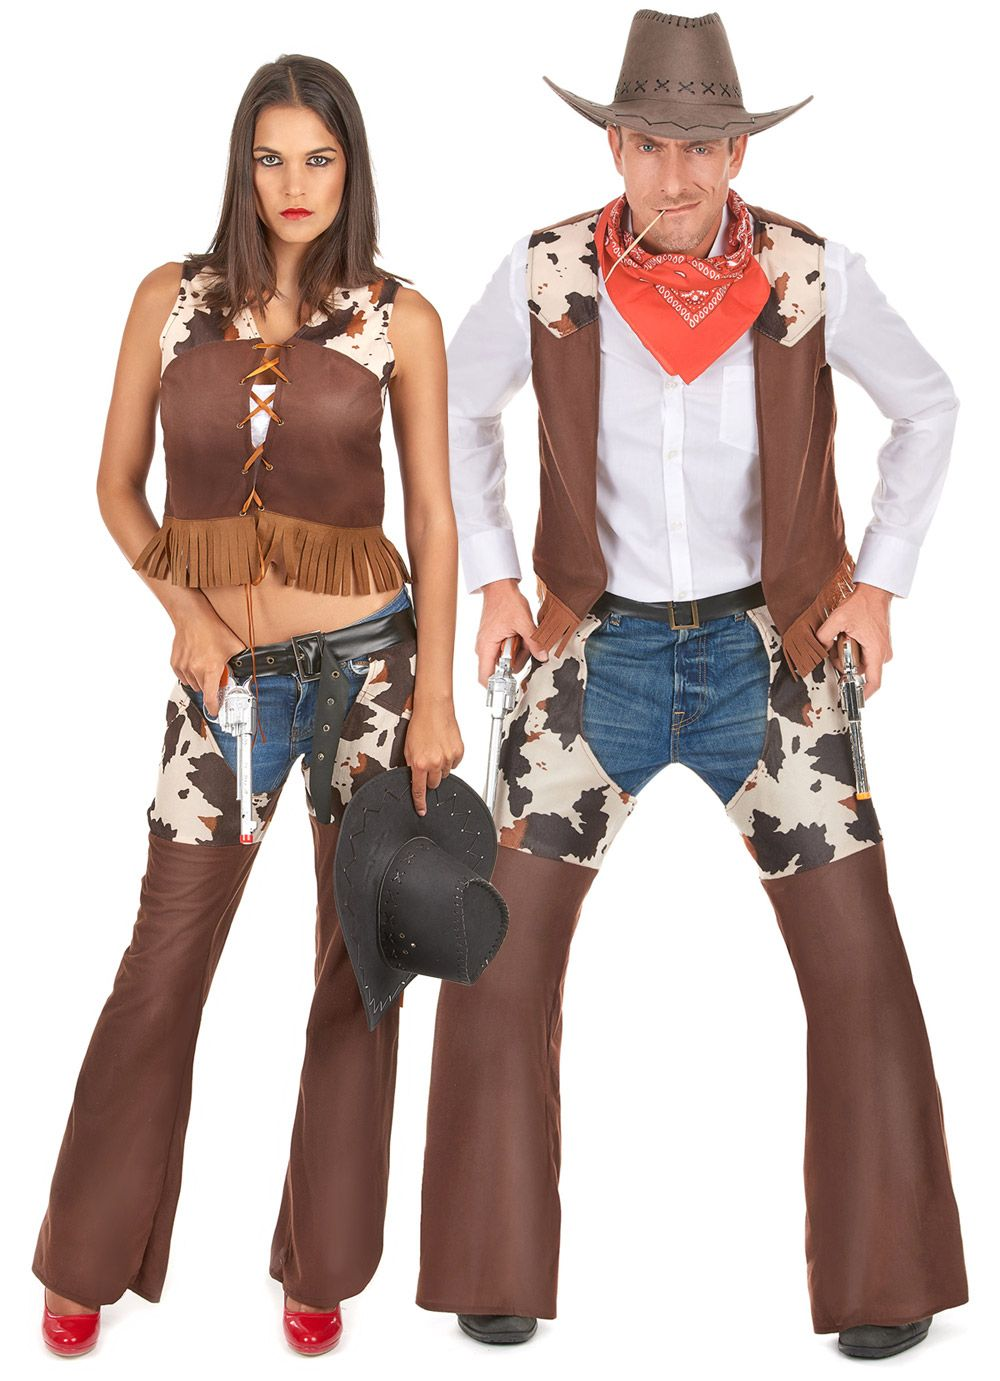 Costume di coppia da cowboy  Costume da cowboy per uomoQuesto travestimento  da cowboy per adulto e5c2cd98f039